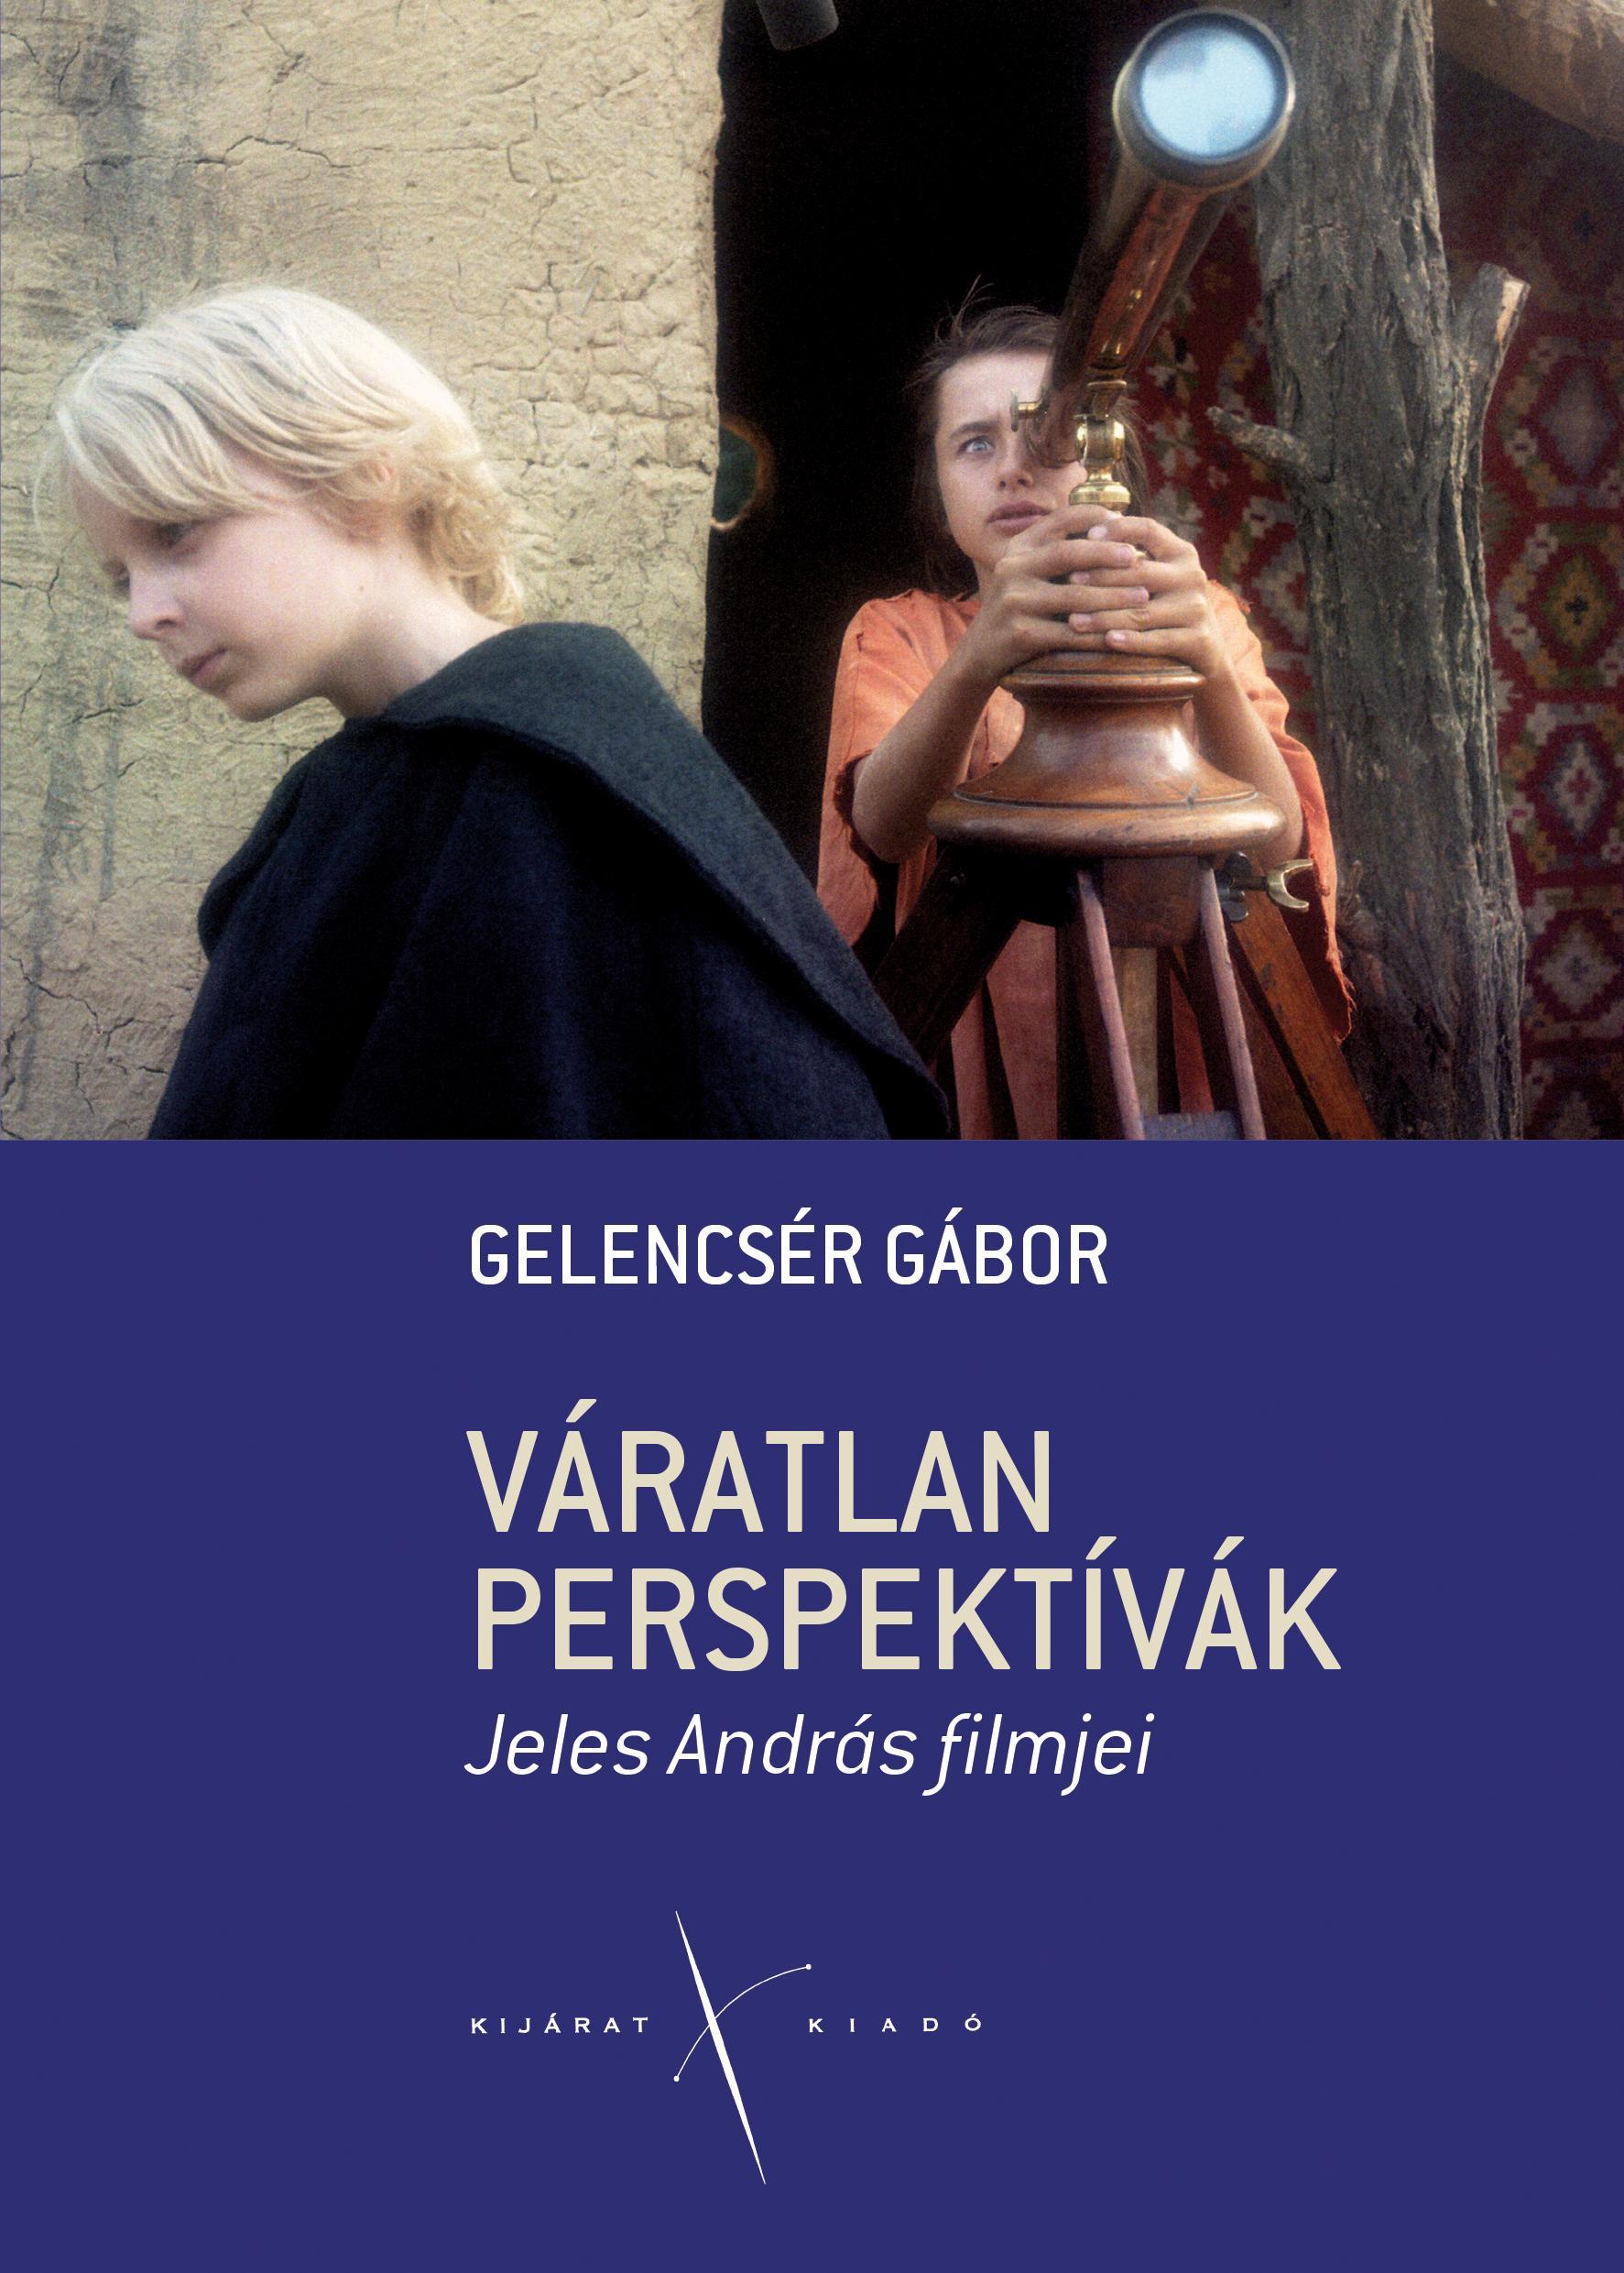 VÁRATLAN PERSPEKTÍVÁK - JELES ANDRÁS FILMJEI